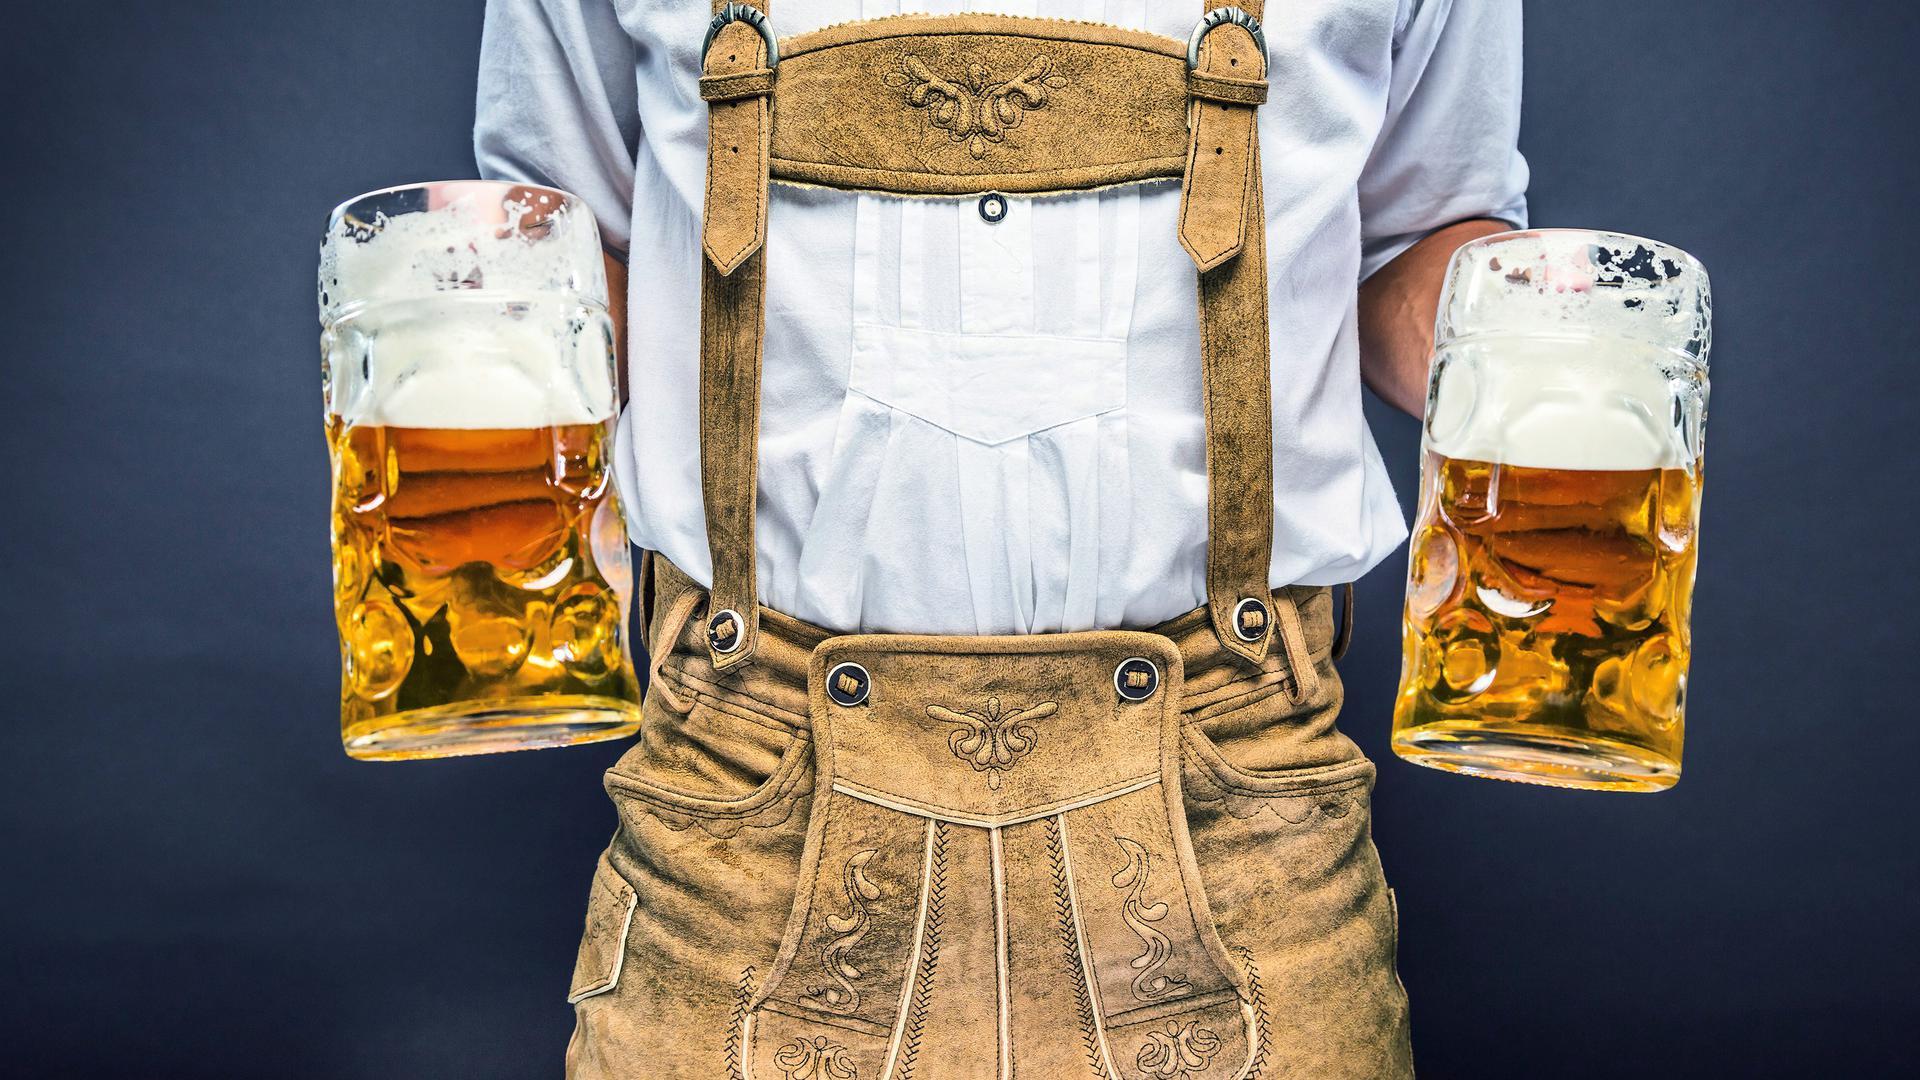 Unverkennbar: Bier und Lederhose gelten als typisch für die Deutschen.